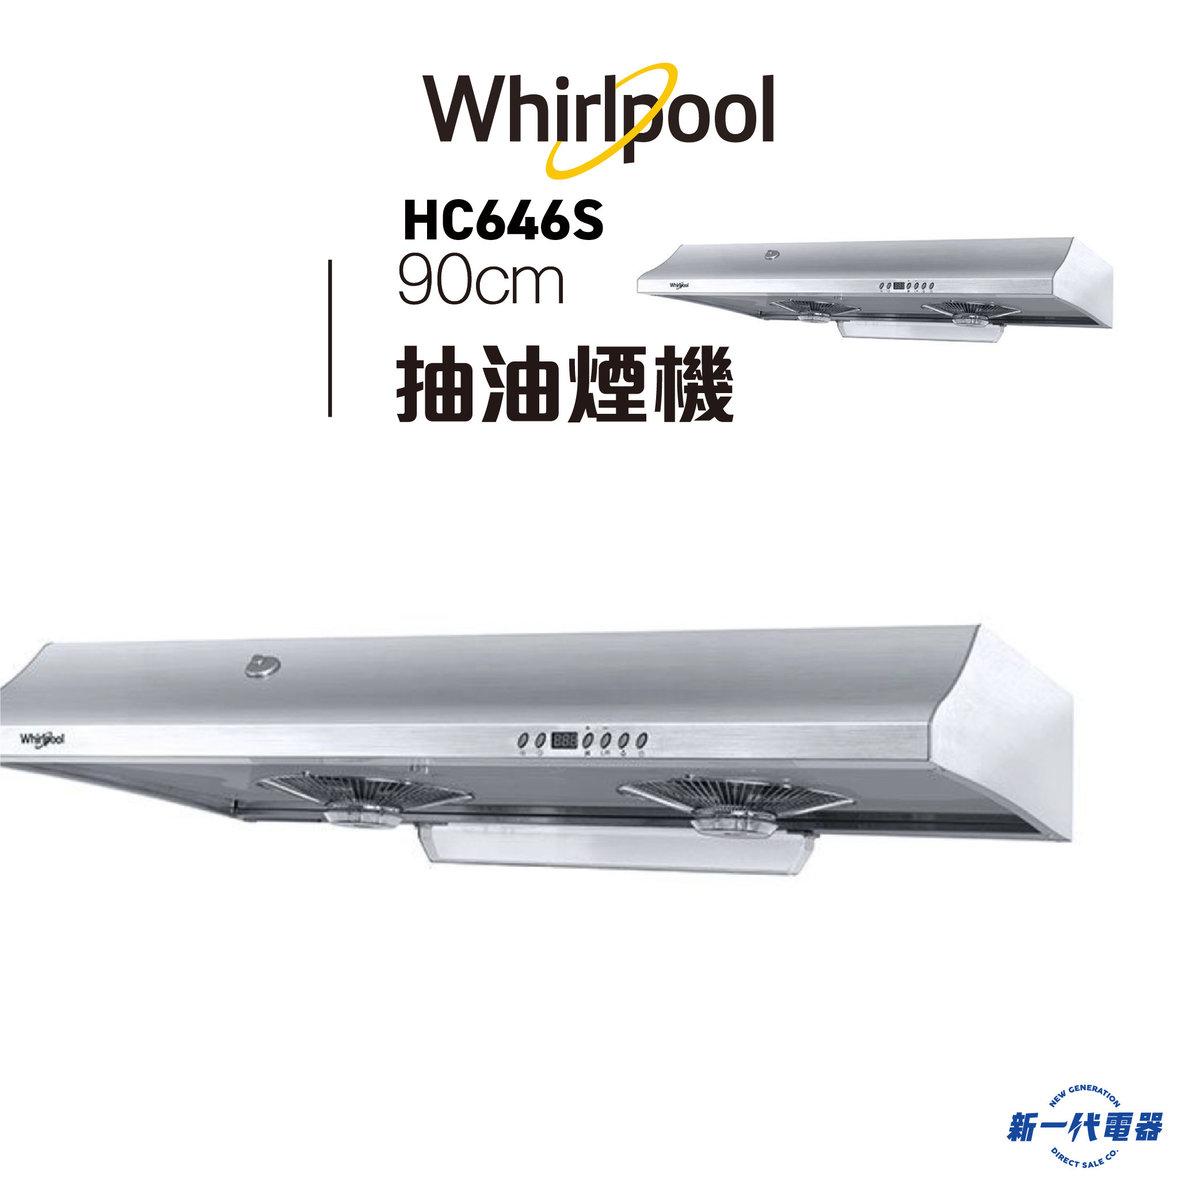 HC646S - 自動清洗及易拆二合一抽油煙機